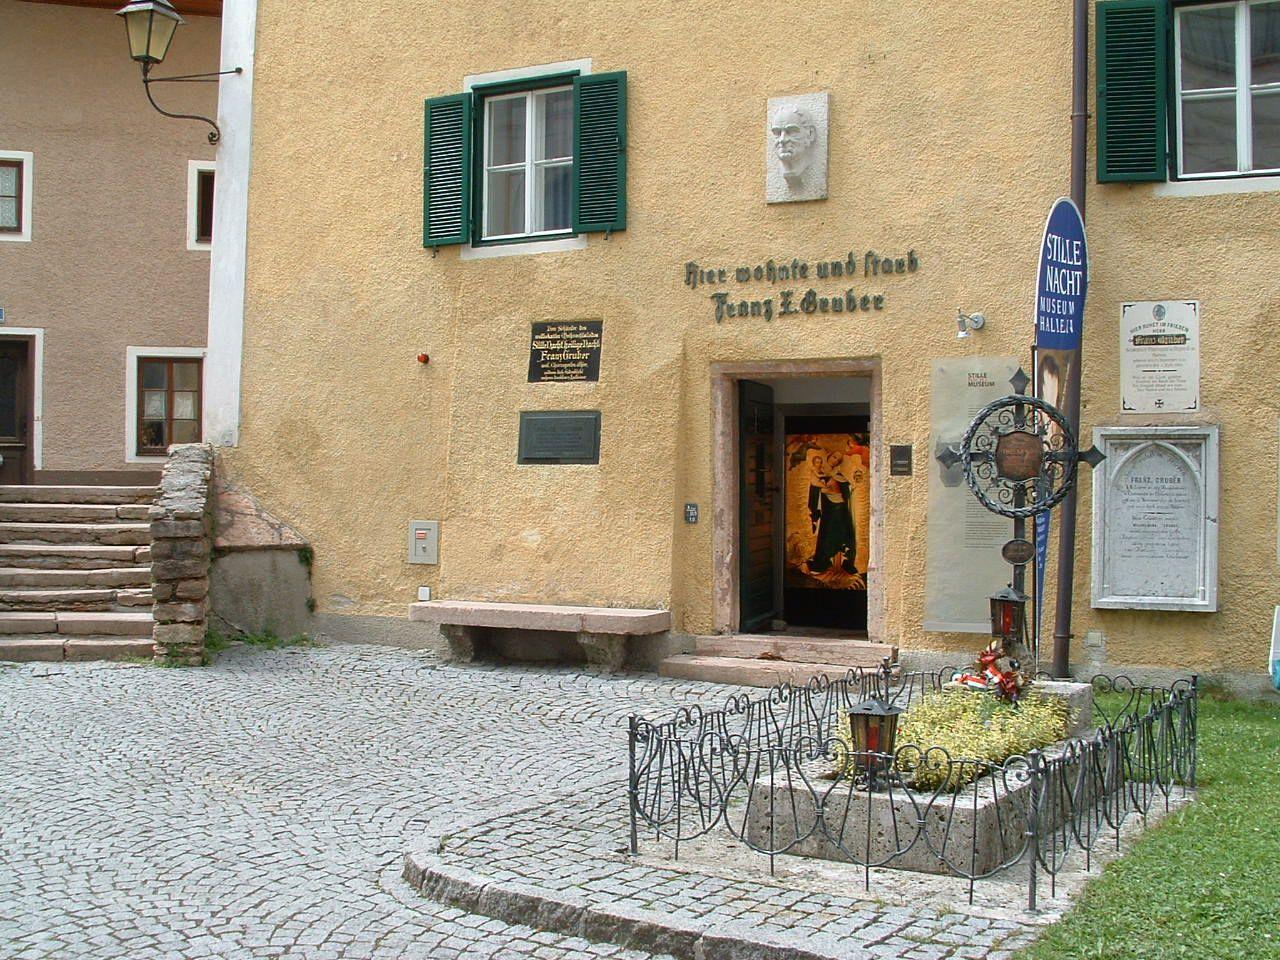 Bild Stille Nacht Museum Hallein